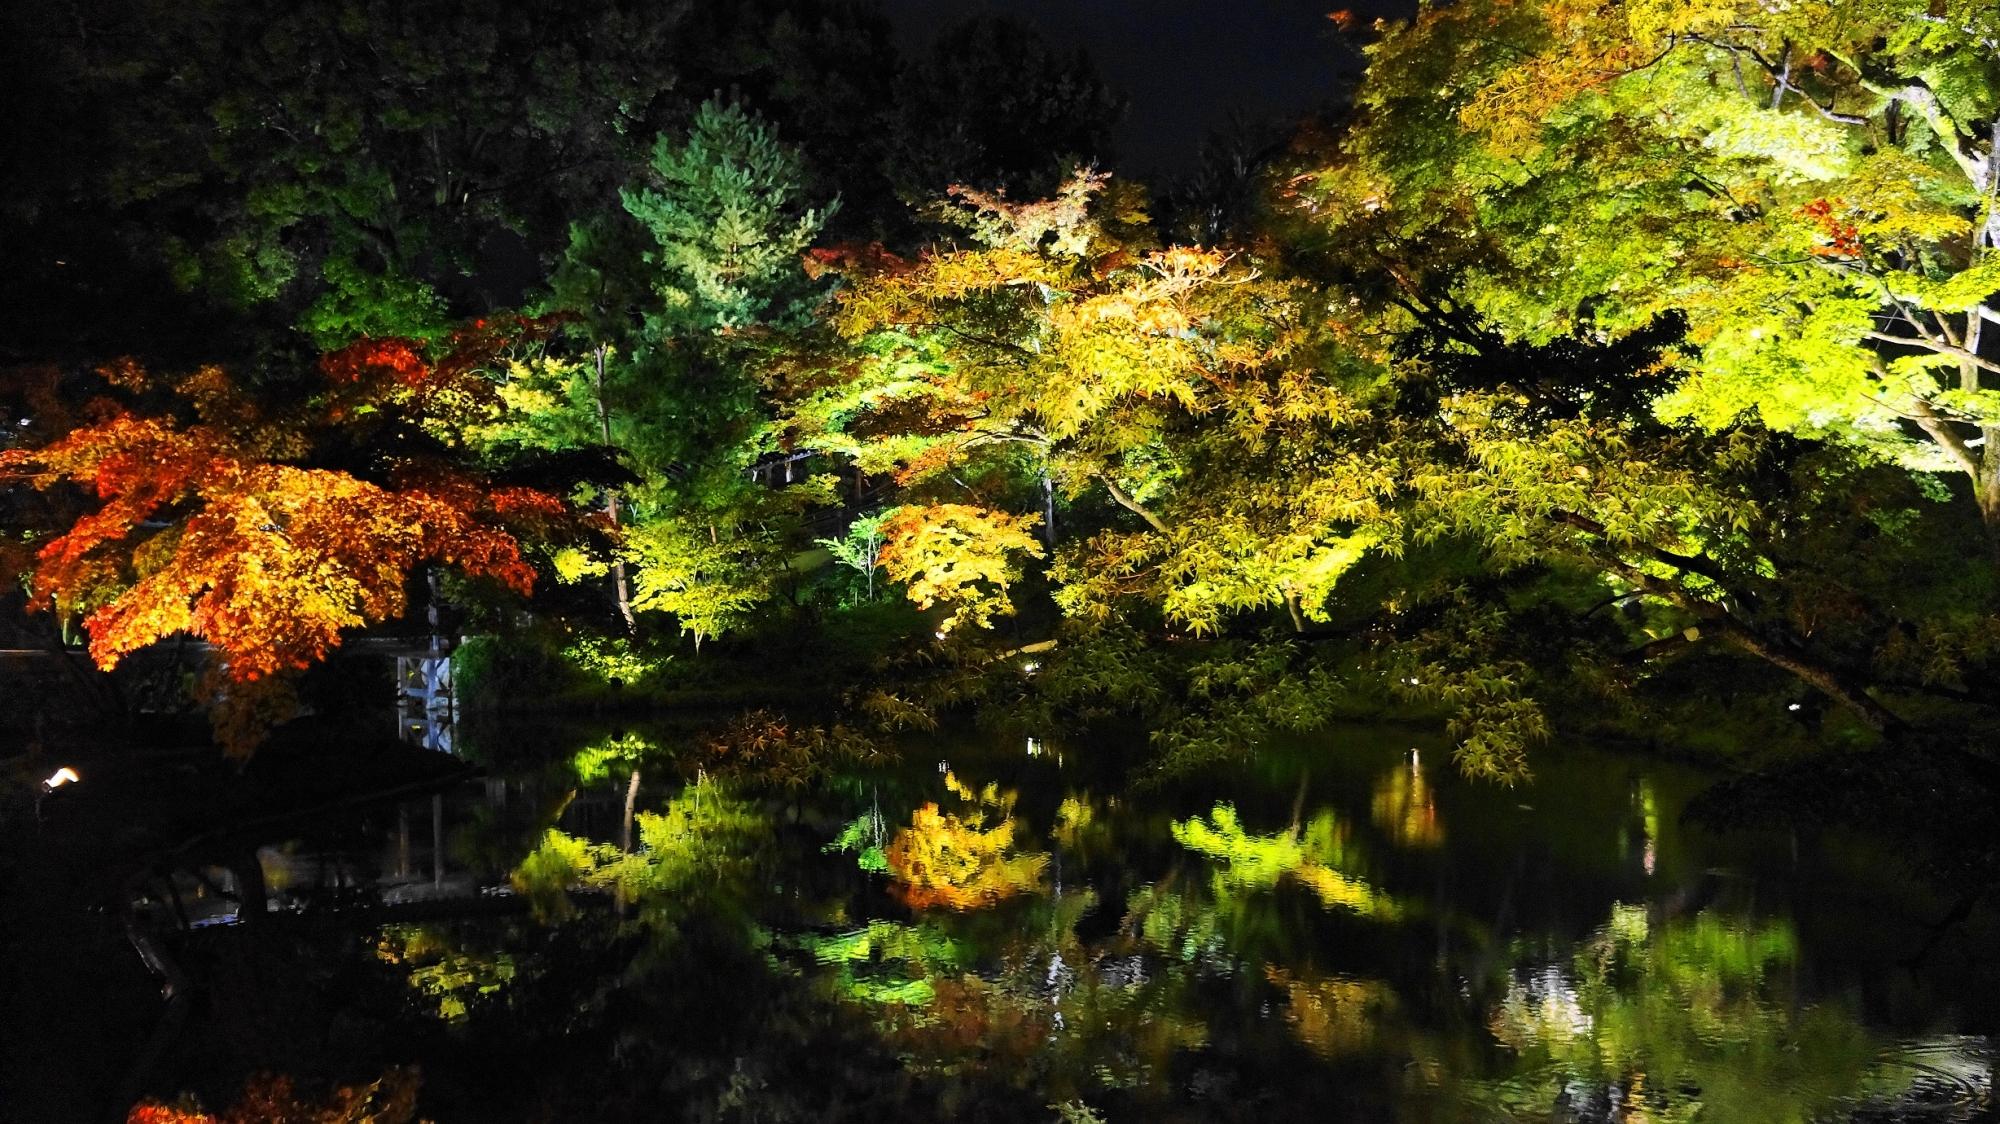 高台寺庭園の臥龍池の紅葉ライトアップ